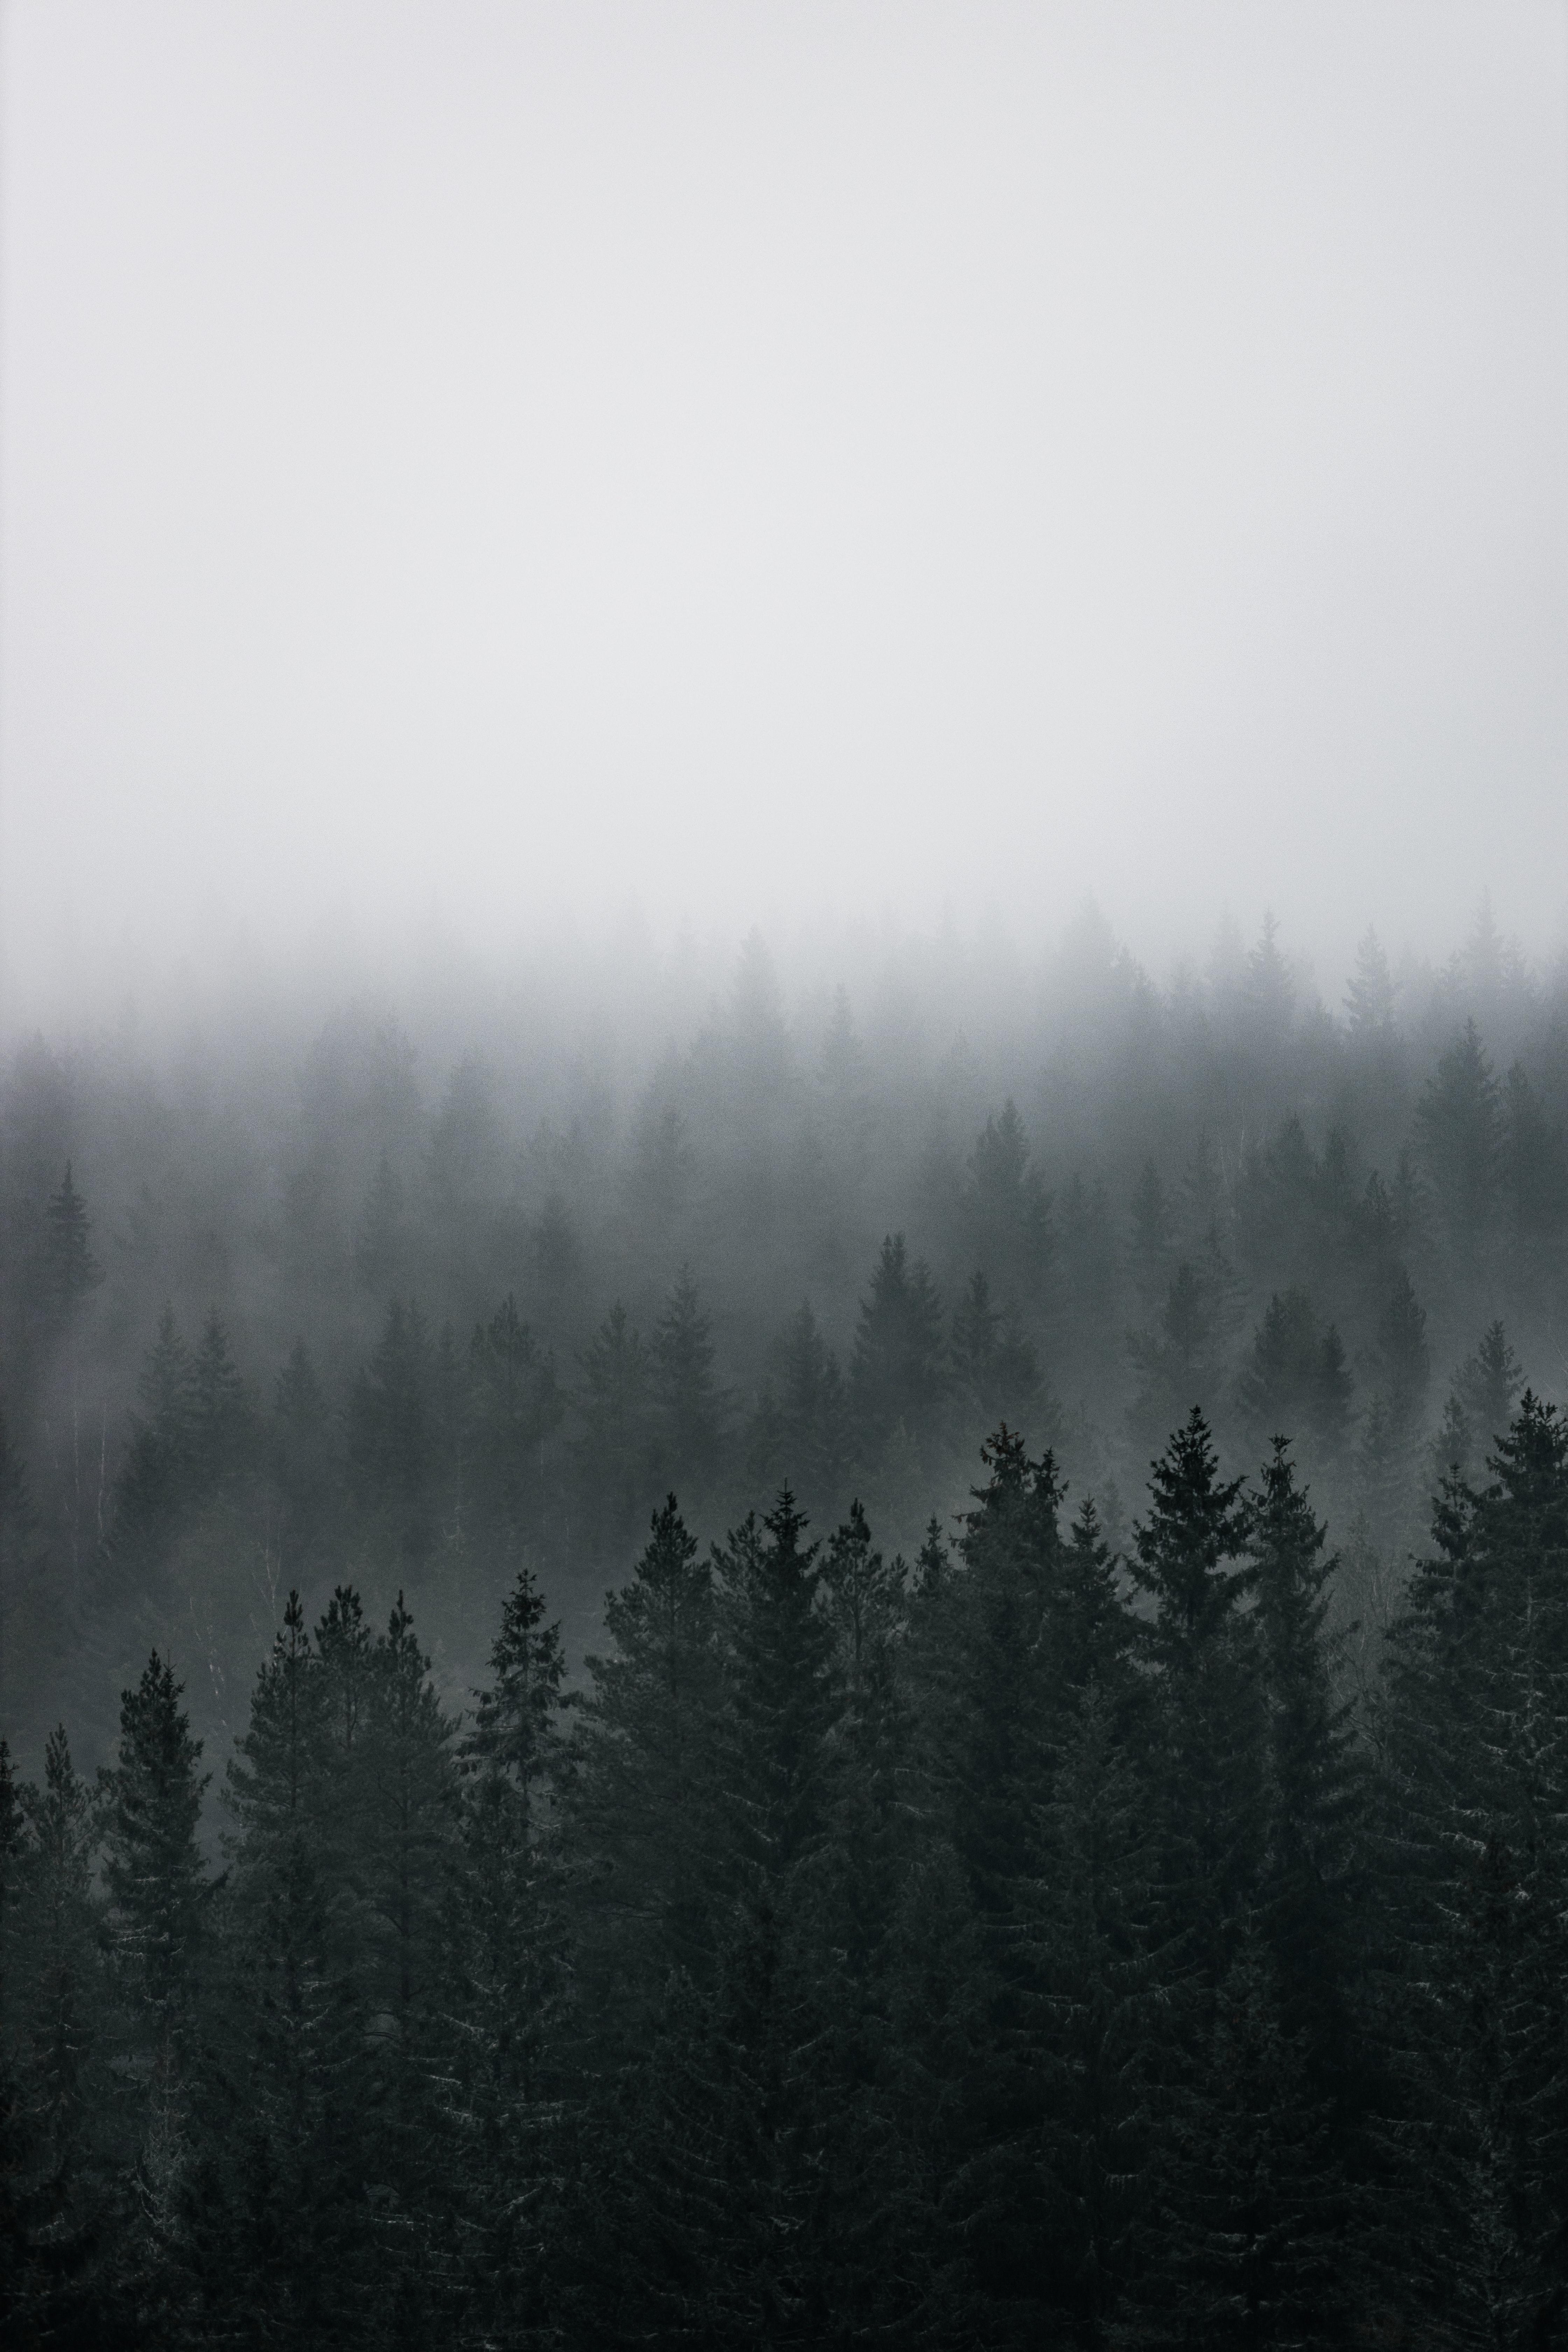 138925 скачать обои Природа, Лес, Туман, Вид Сверху, Деревья, Хвойный, Сосны - заставки и картинки бесплатно